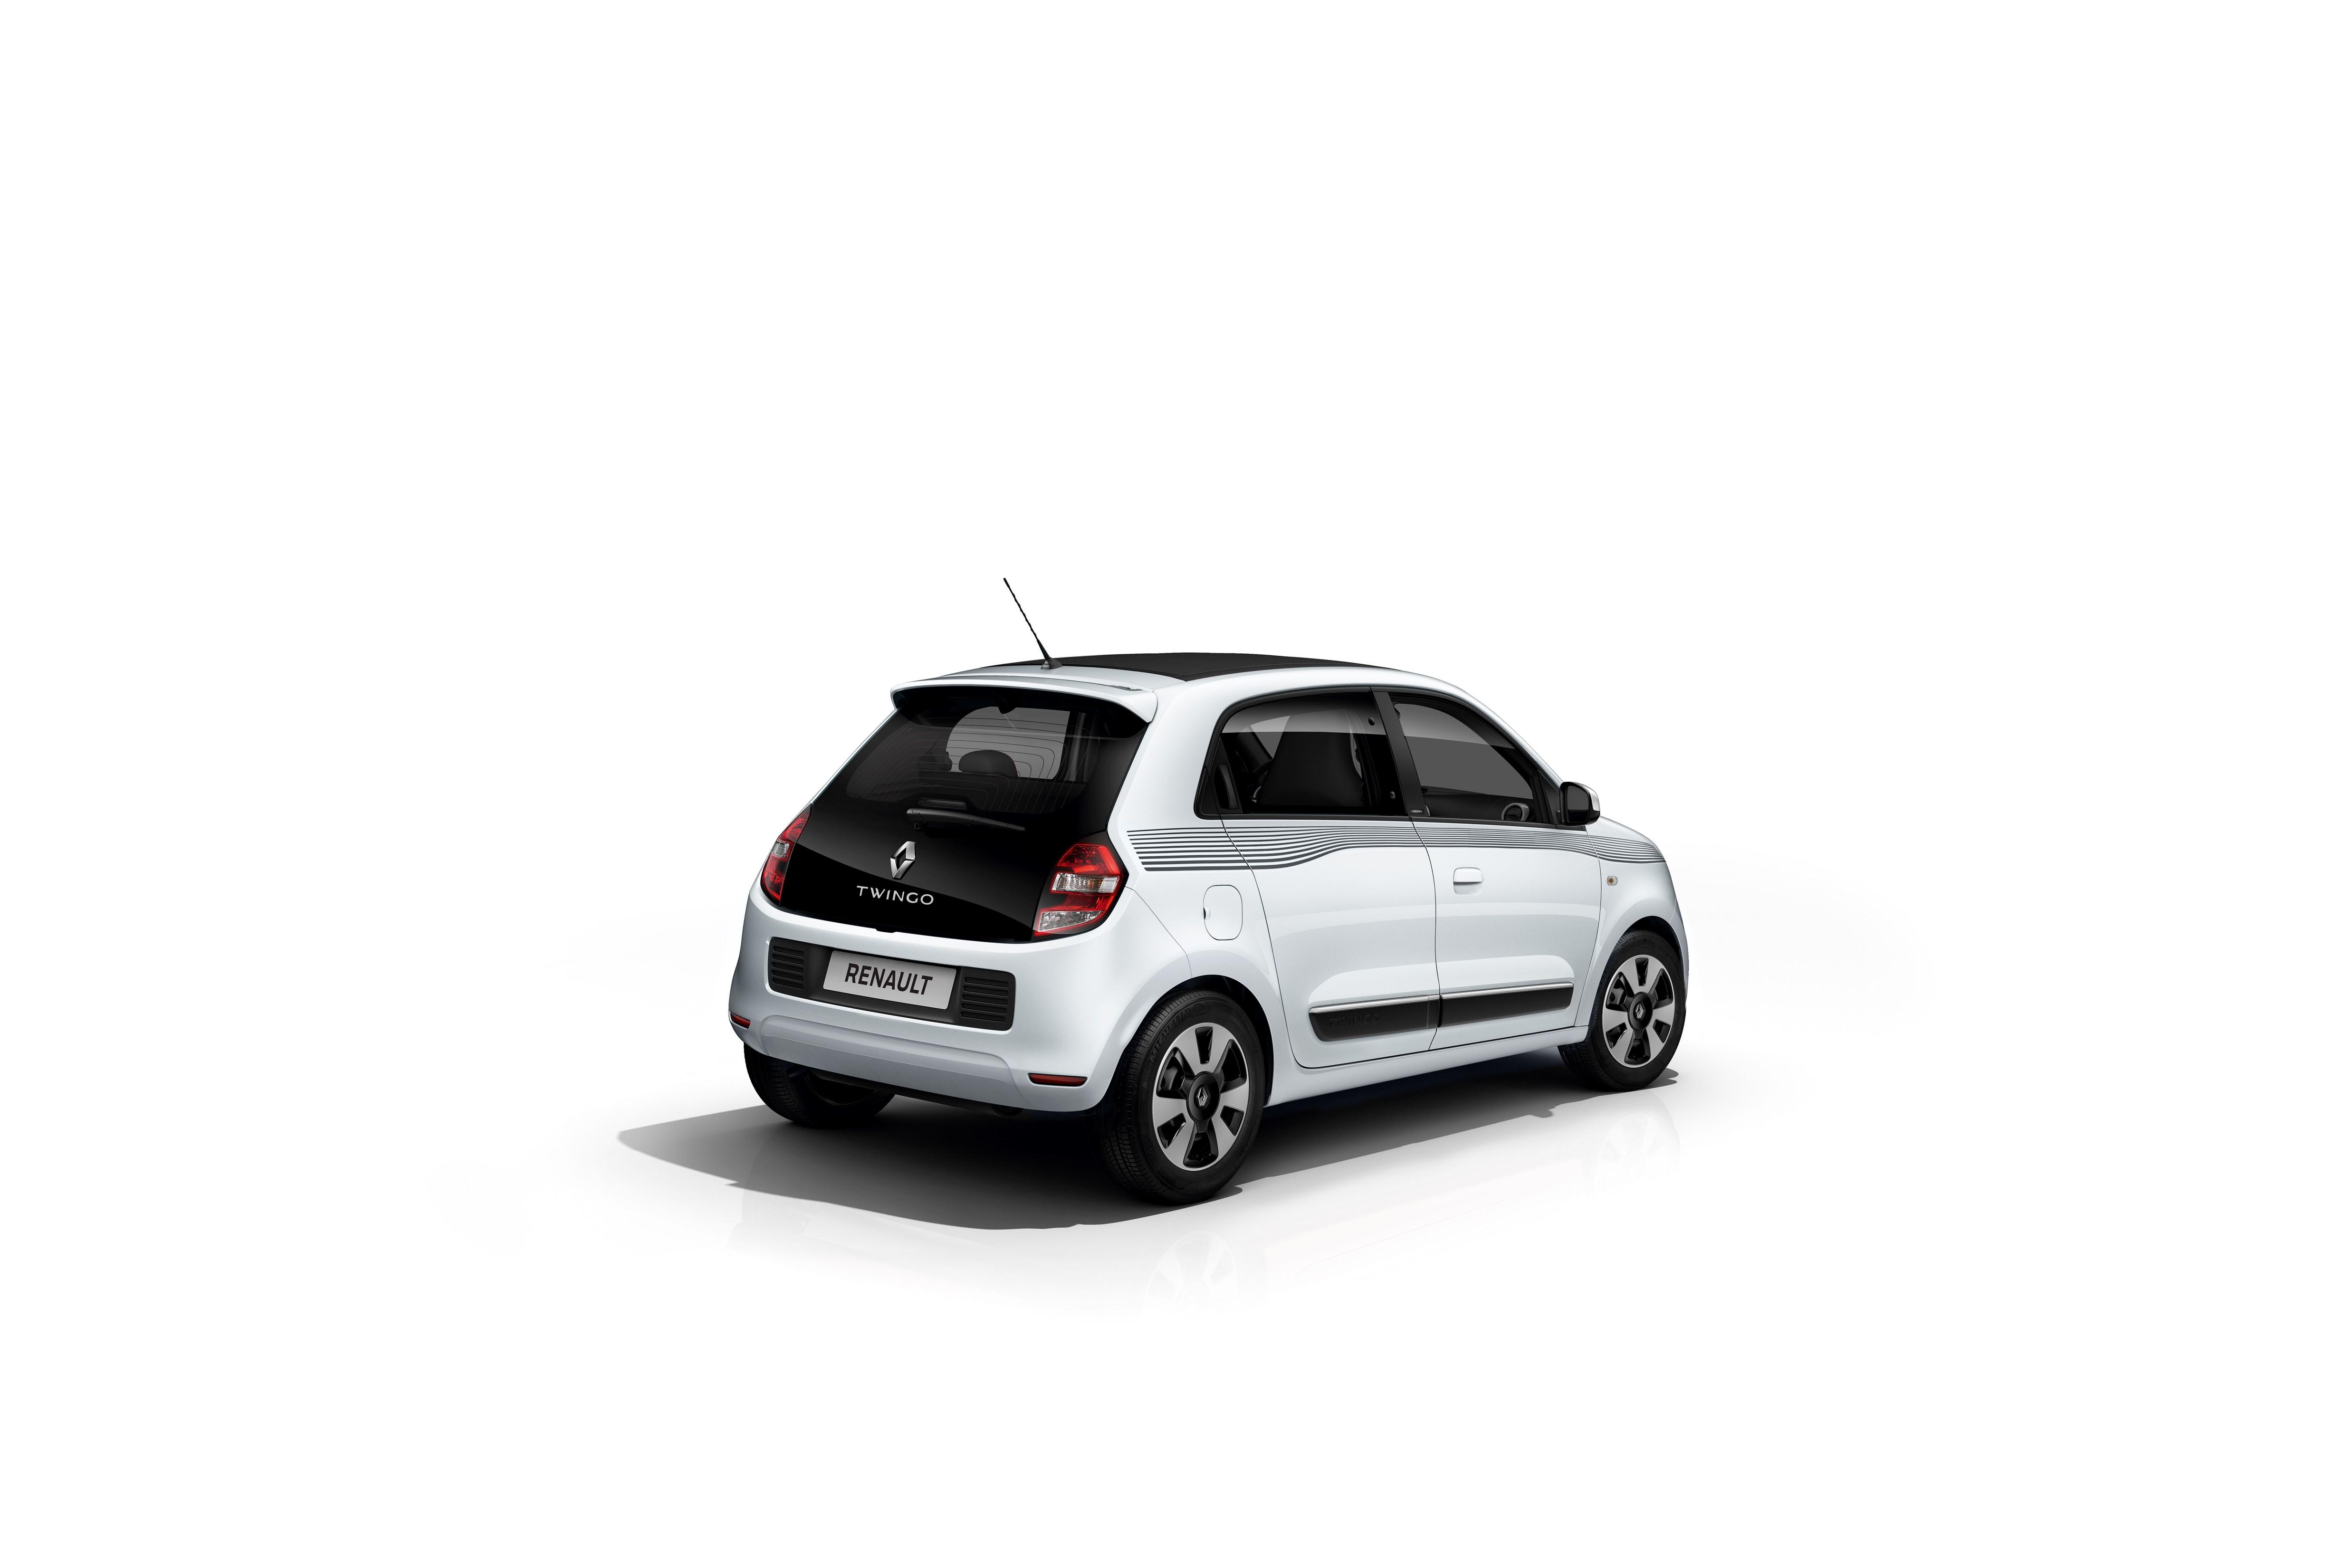 Renault Twingo édition limitée «LIMITED» : PLUS DE STYLE ET D'ÉQUIPEMENTS POUR LA TWINGO